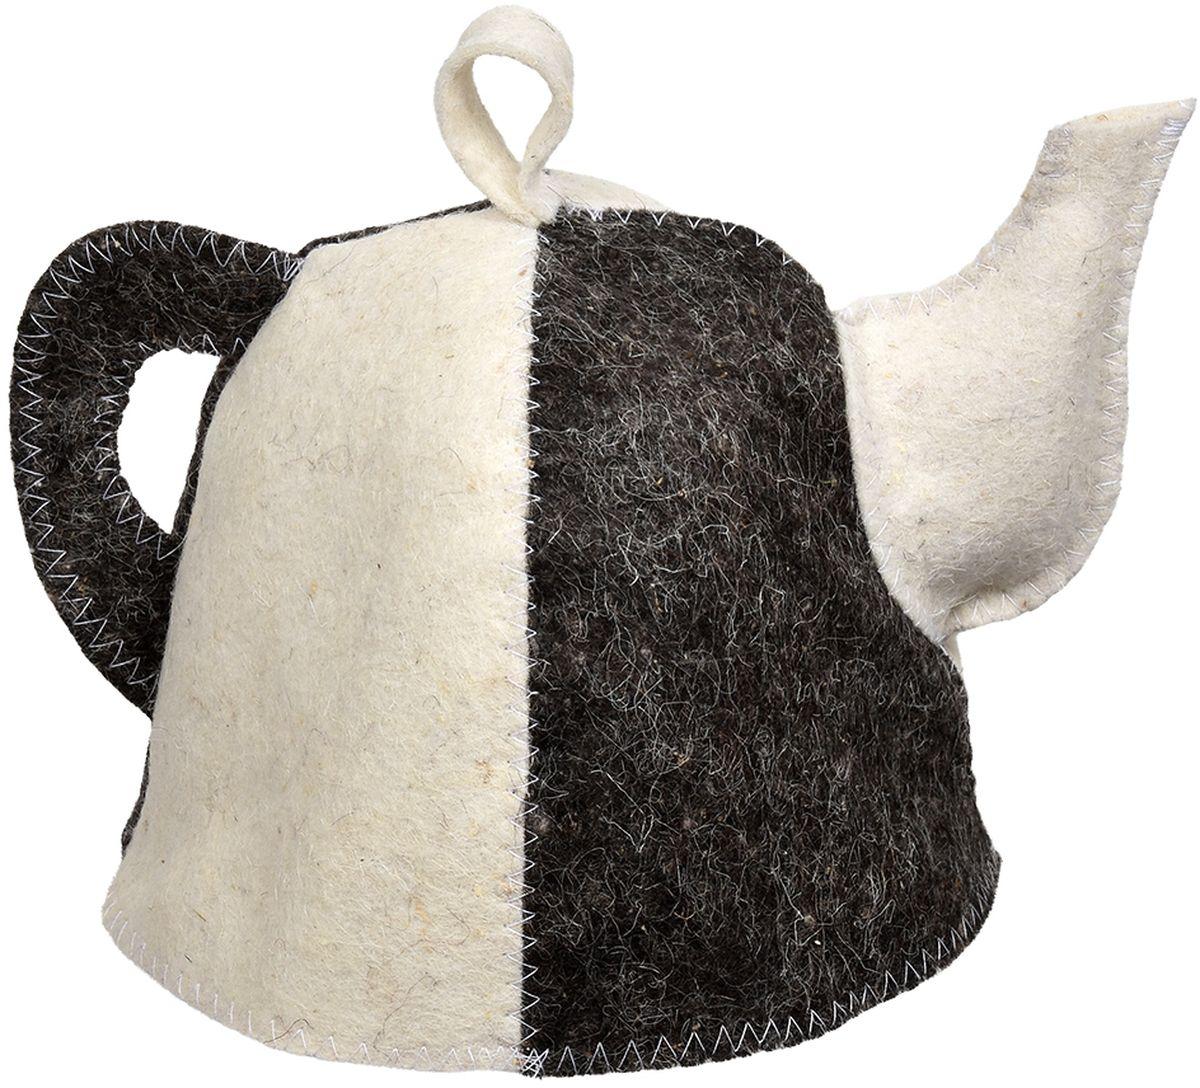 Шапка для бани и сауны Hot Pot Чайник Комби наборы аксессуаров для бани proffi набор подарочный для бани и сауны звезда веник березовый шапка банная